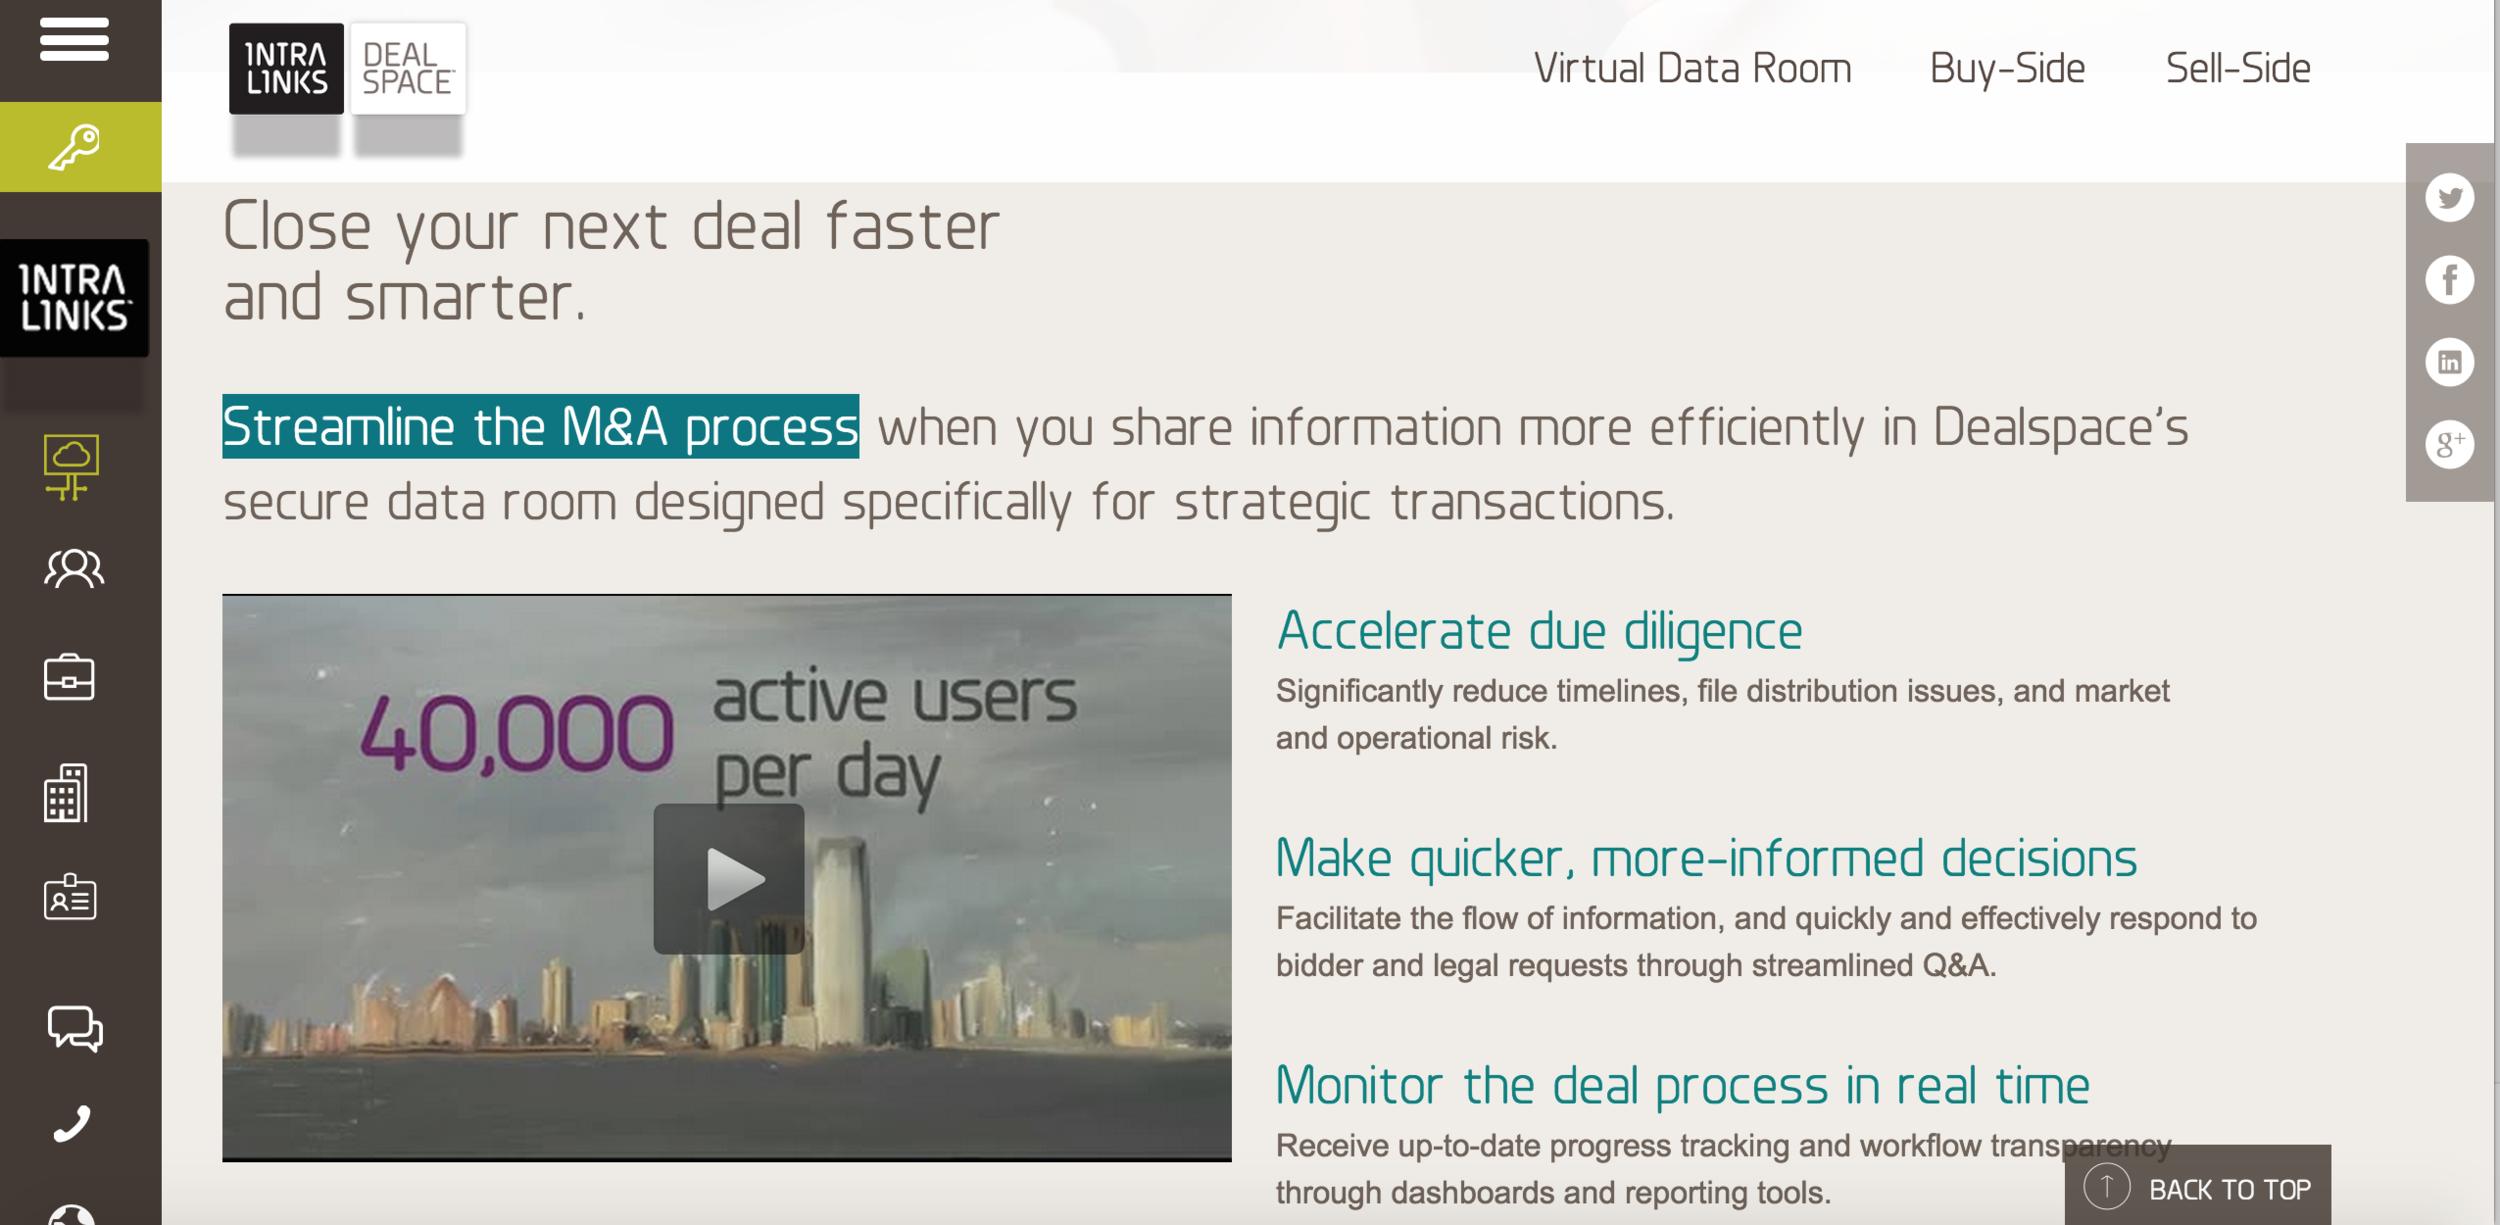 intralinks-dealspace.png